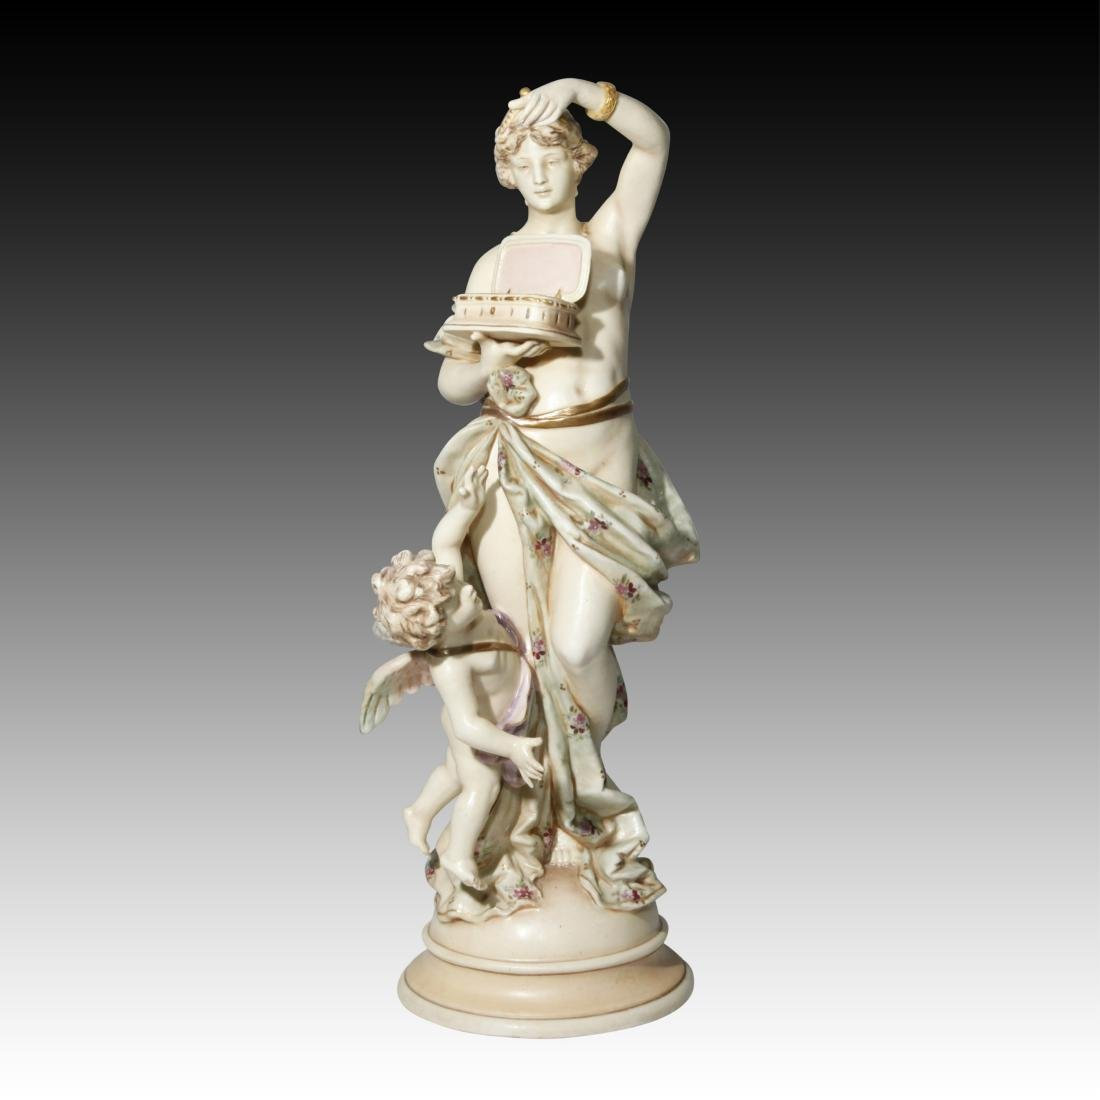 Wein Nude Goddess Figurine with Cherub